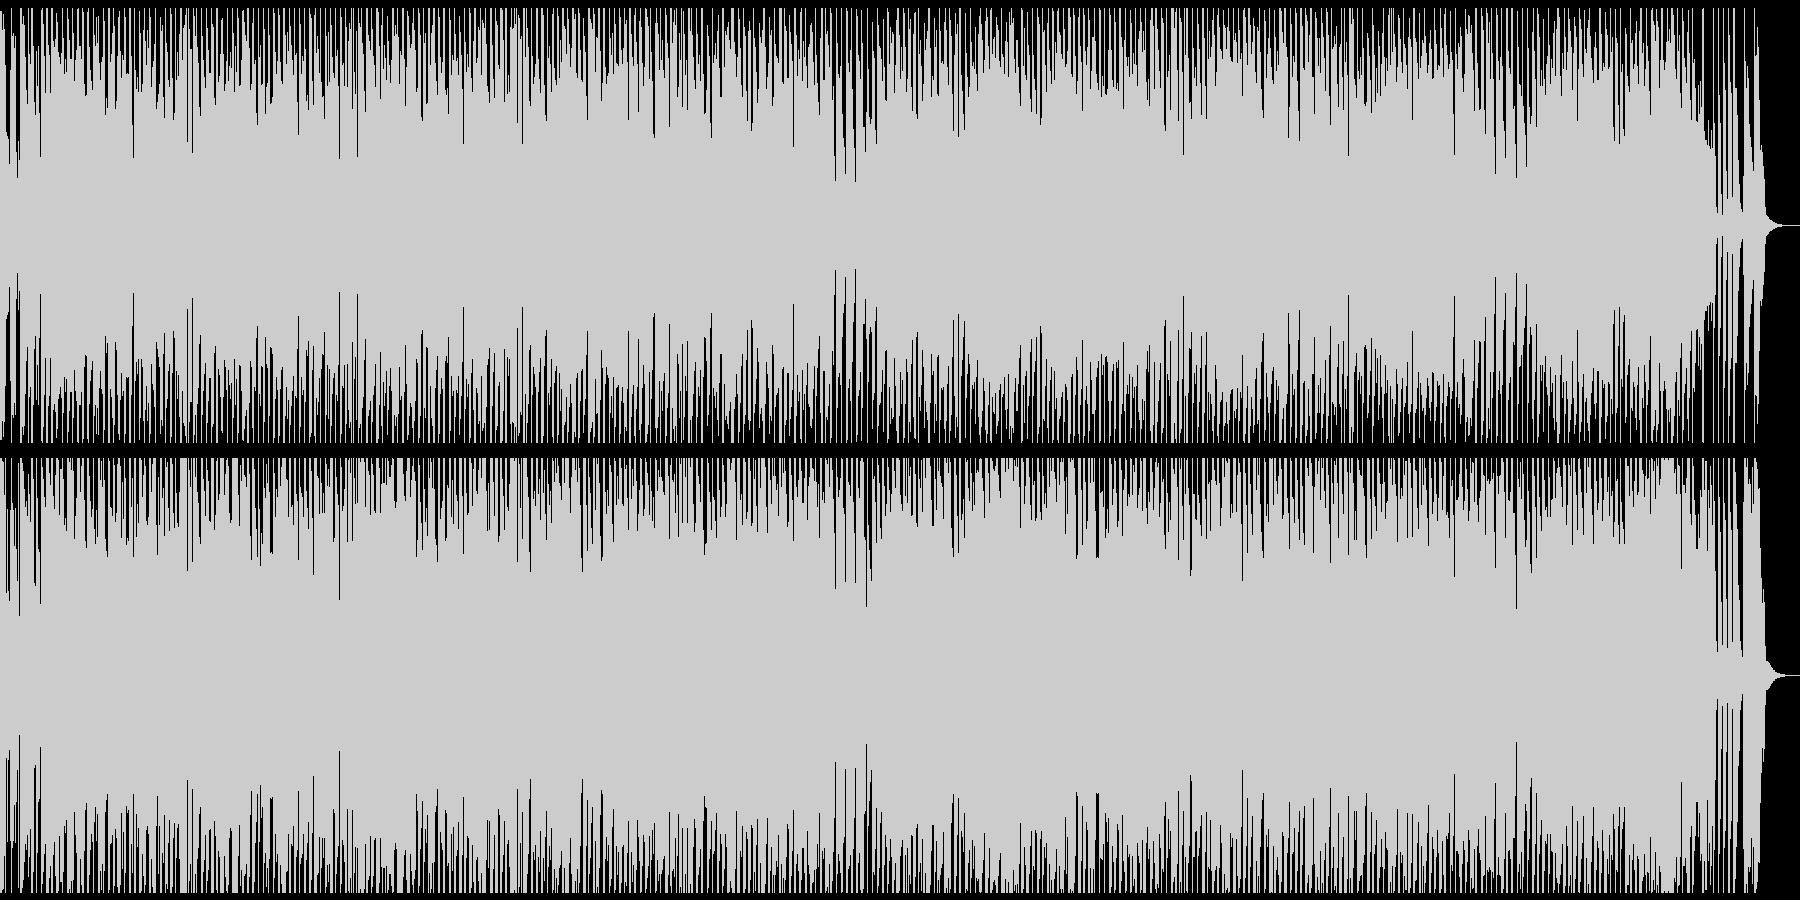 ウクレレと縦笛の楽しいBGMおもちゃ抜きの未再生の波形